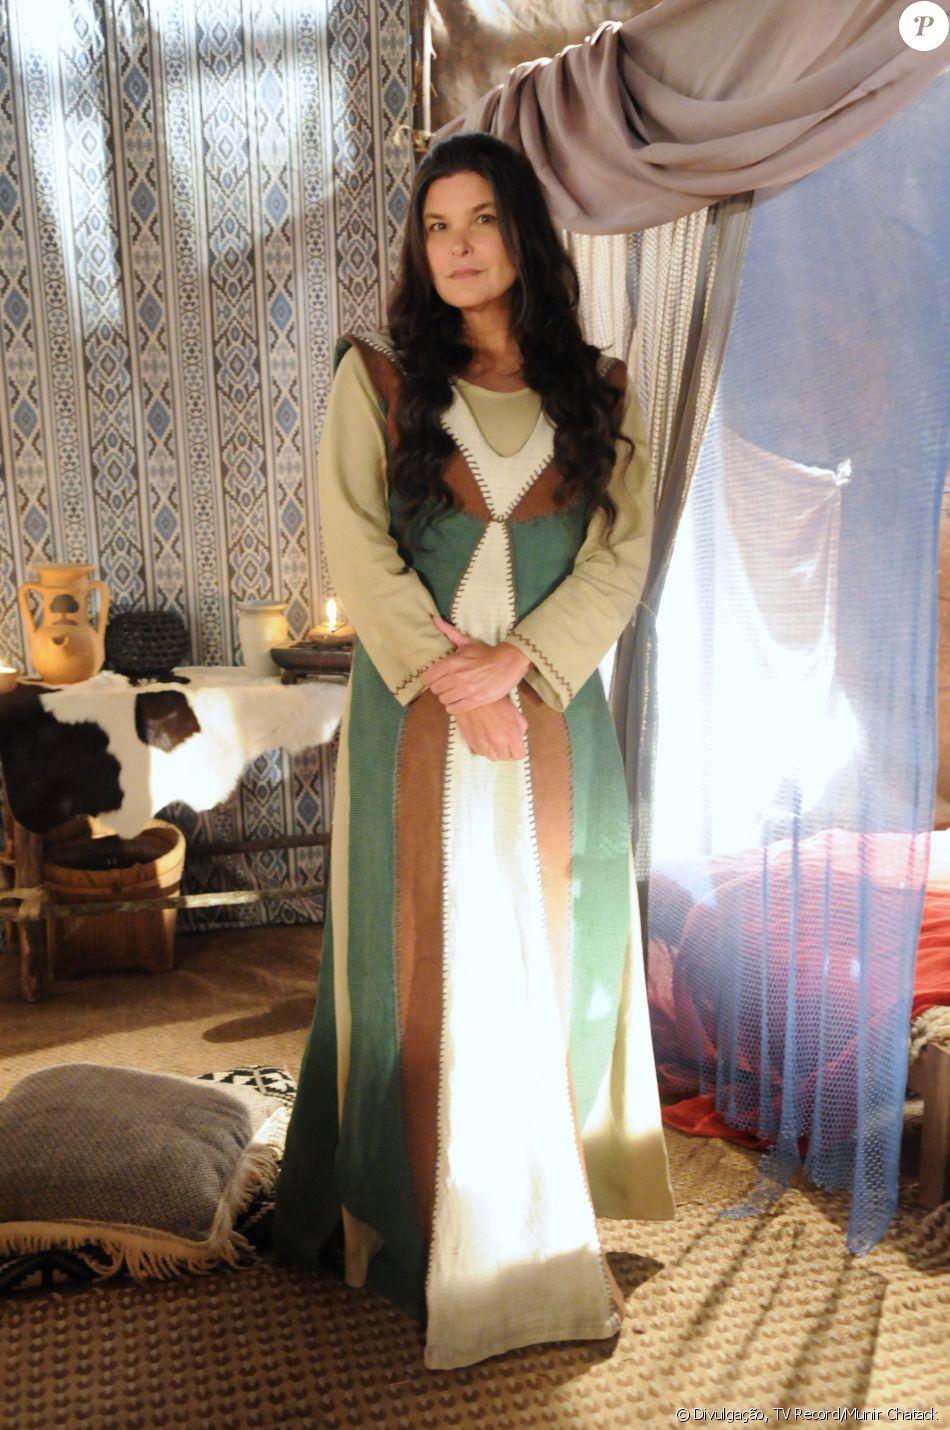 Mara (Cristiana Oliveira) é uma mulher falsa, manipuladora, amarga e ambiciosa. Casada com Aiúde (Fábio Villa Verde) e mãe de Ioná (Day Mesquita) e tenta fazer a jovem se separar do marido, Elói (Claudio Gabriel), na novela 'A Terra Prometida'